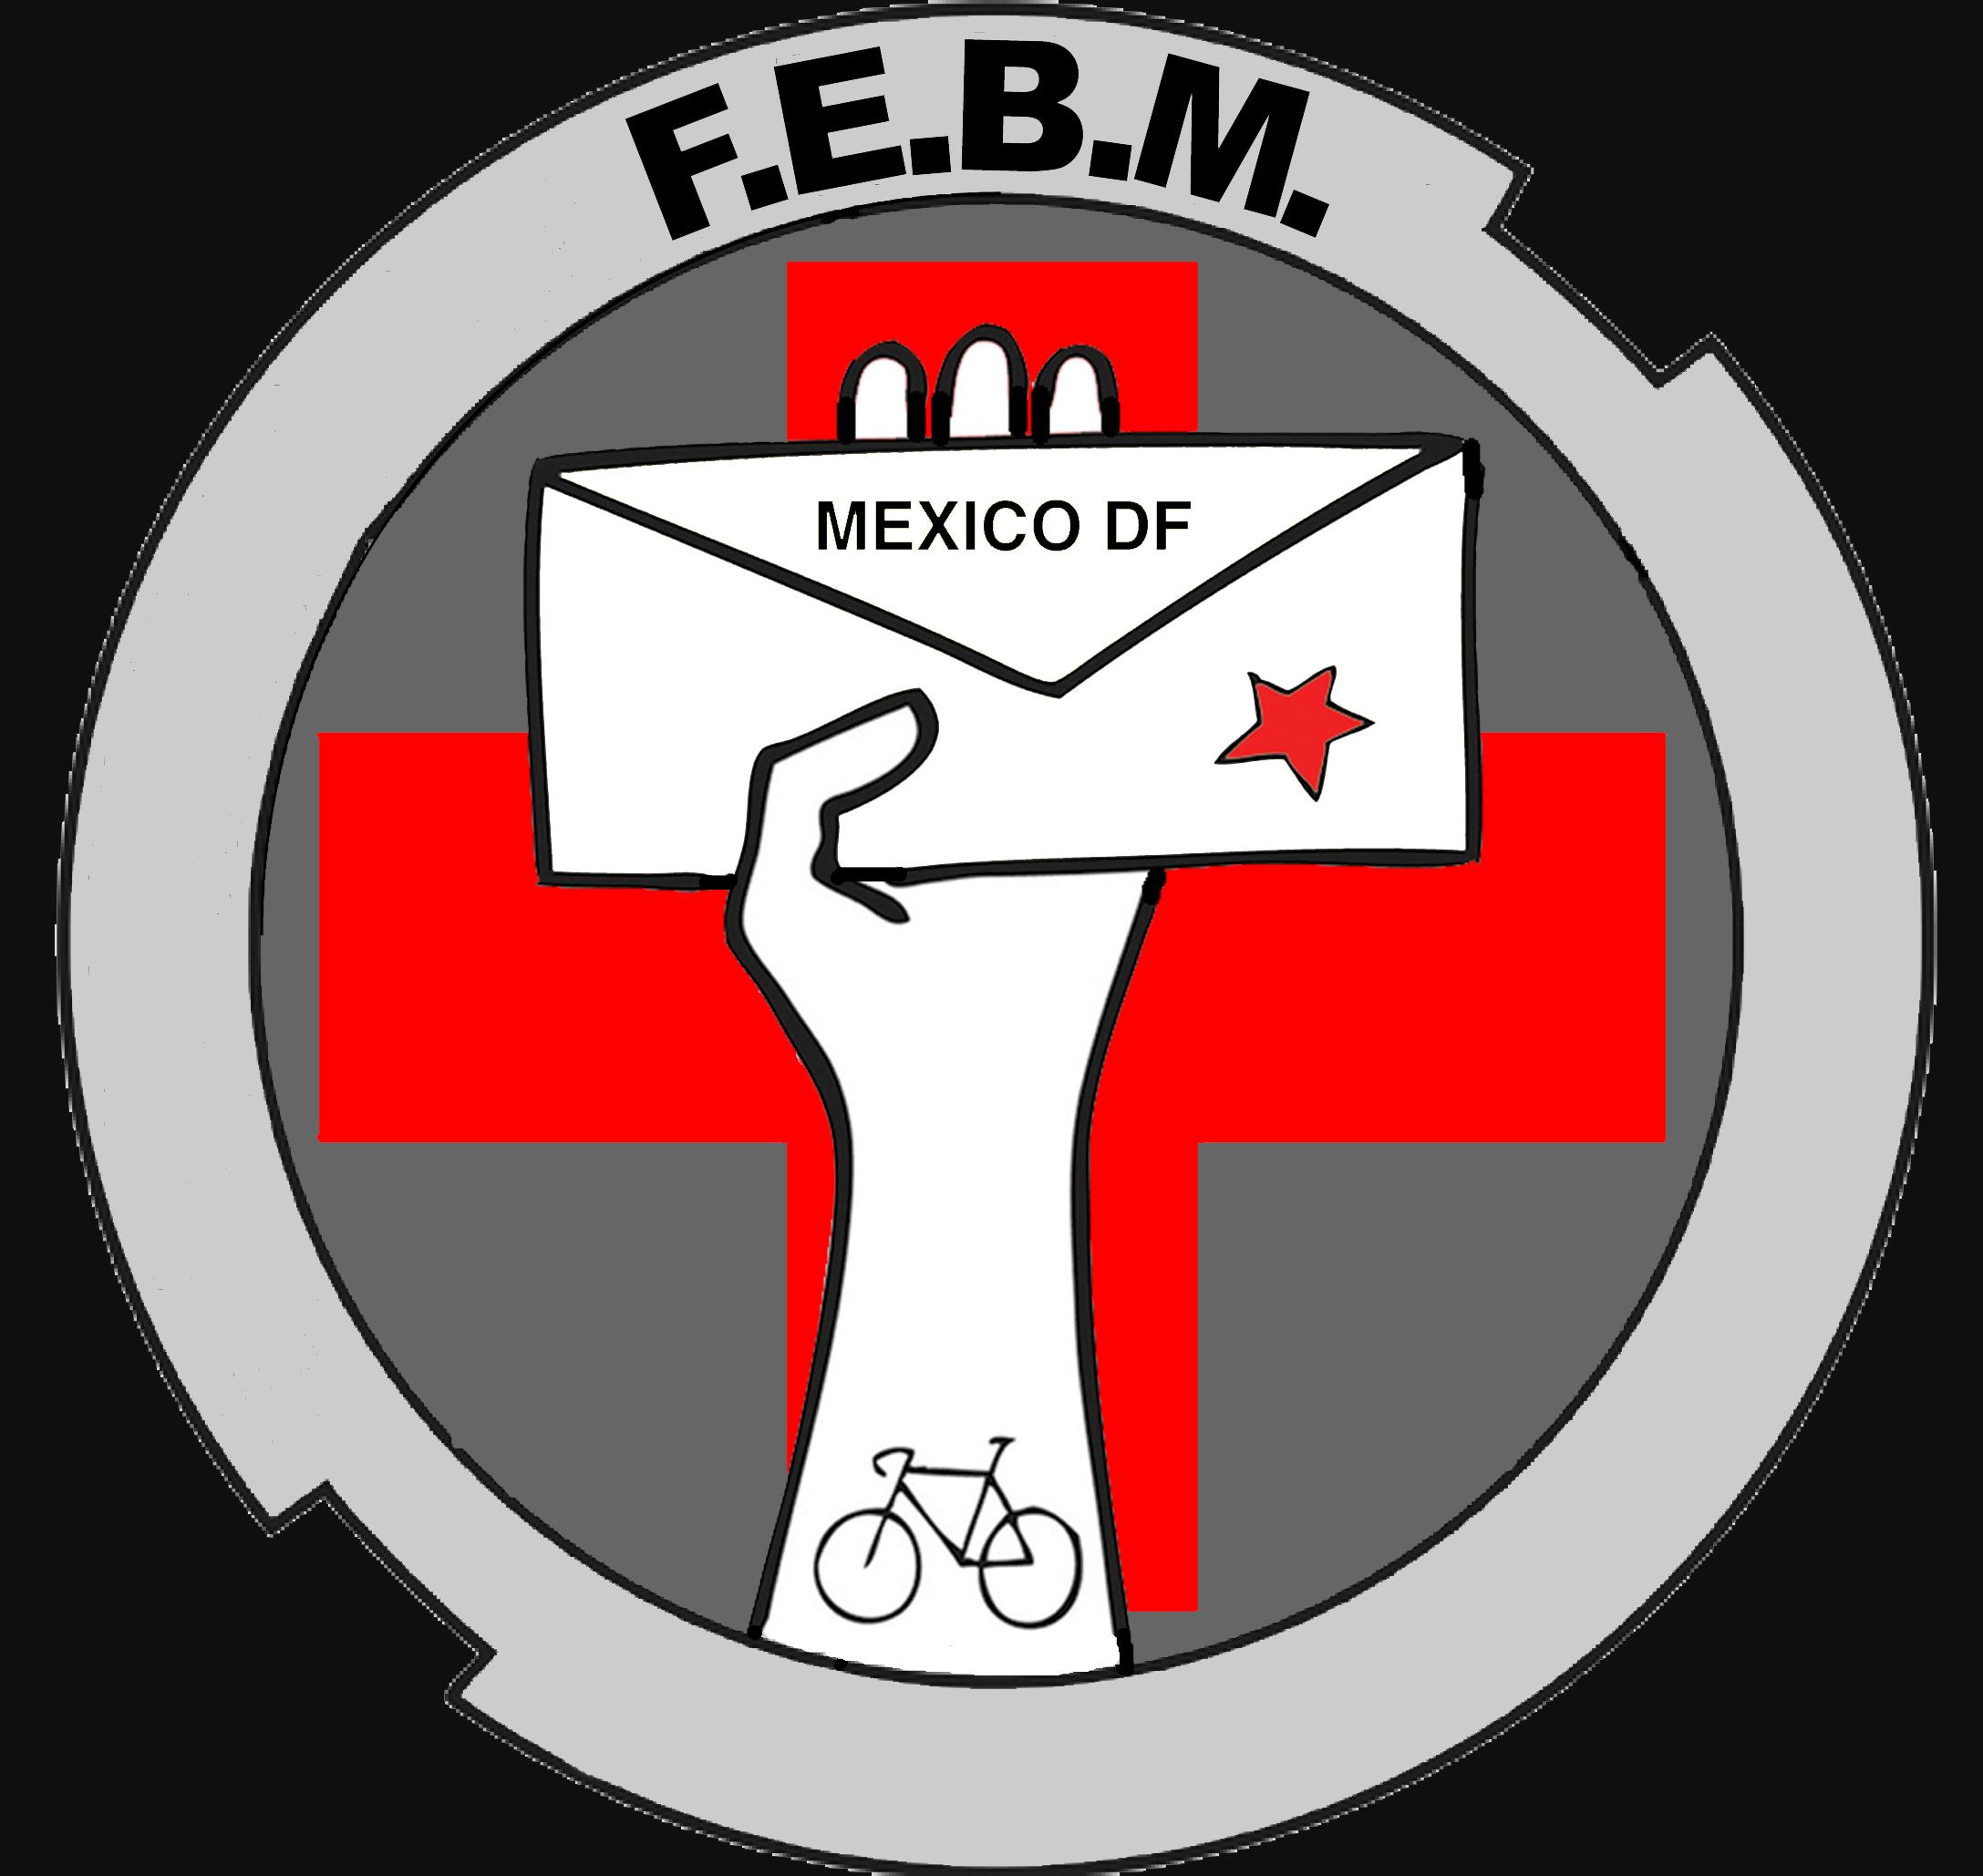 febmLOGO2